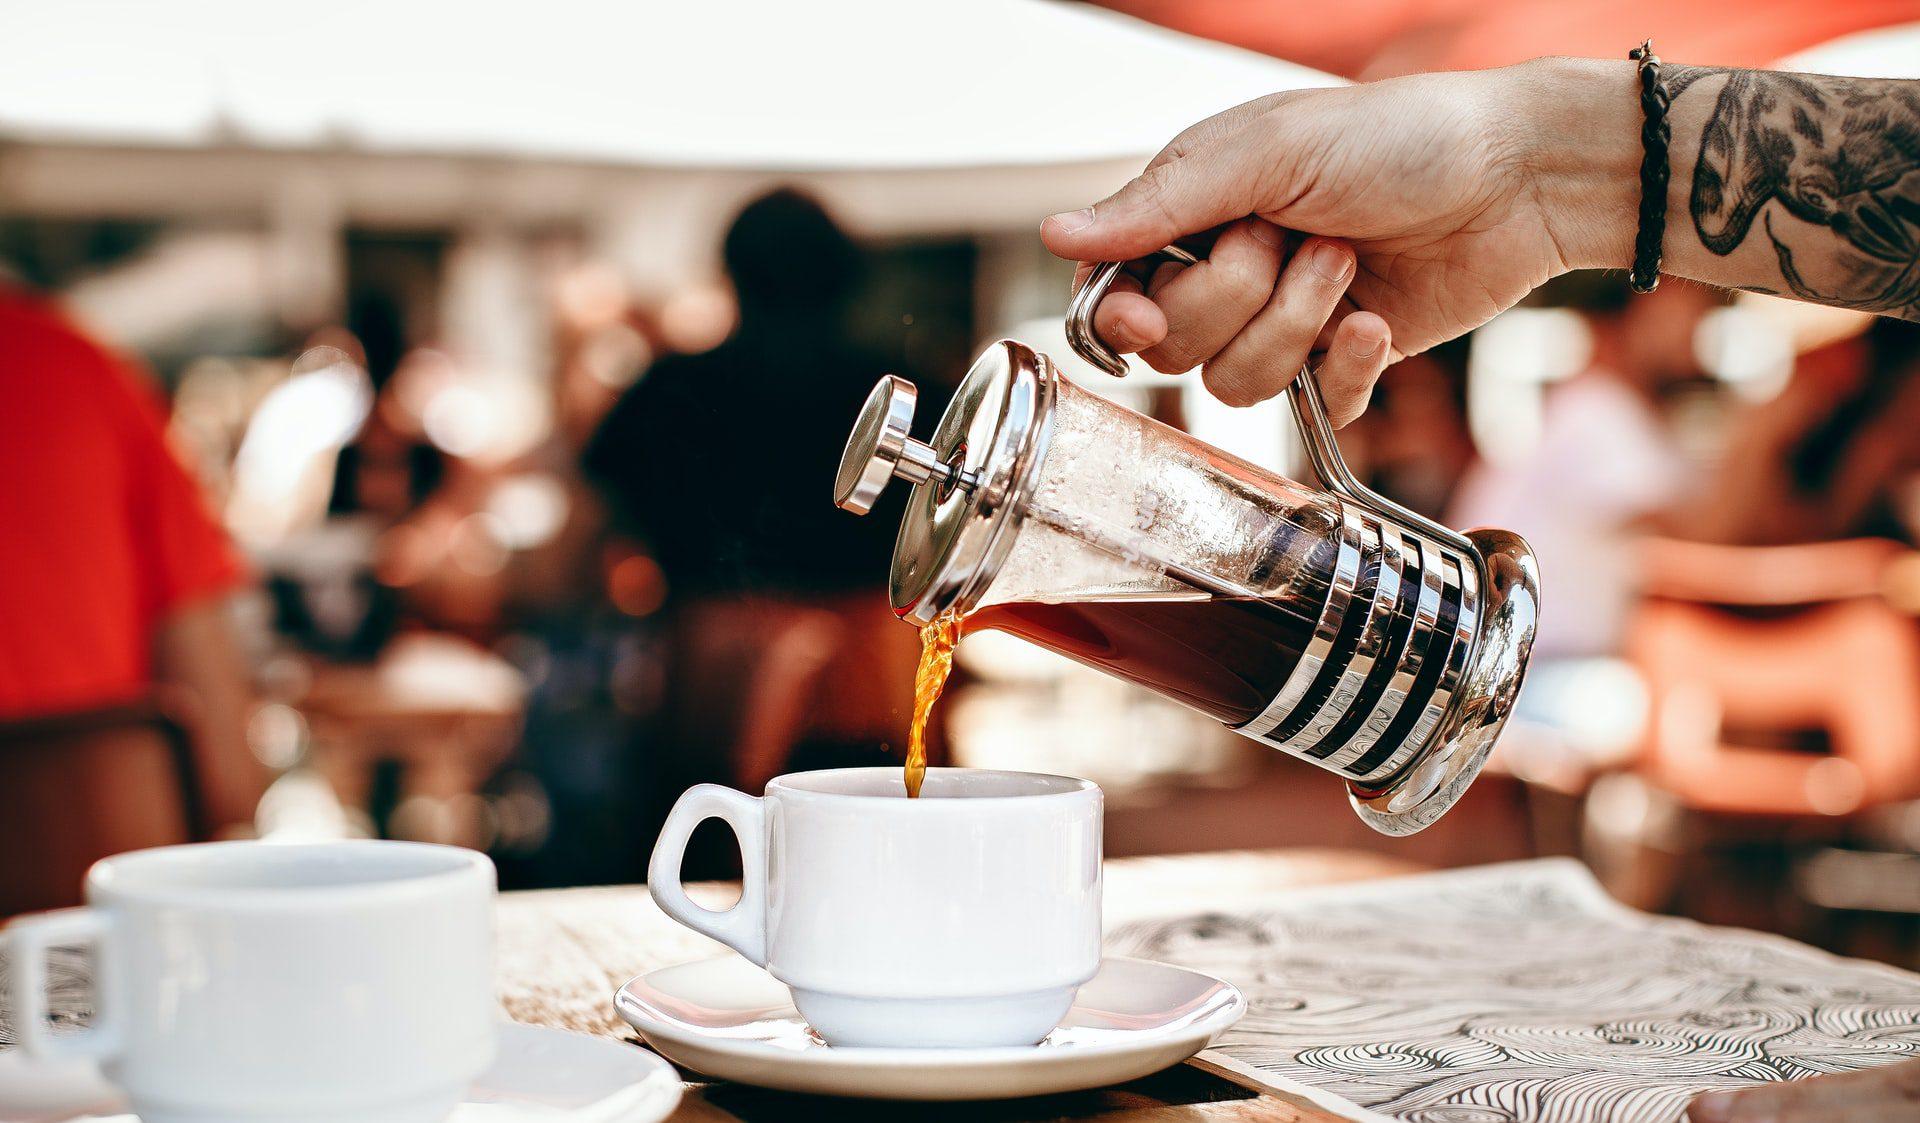 Barista sirviendo café de una prensa francesa en una taza blanca